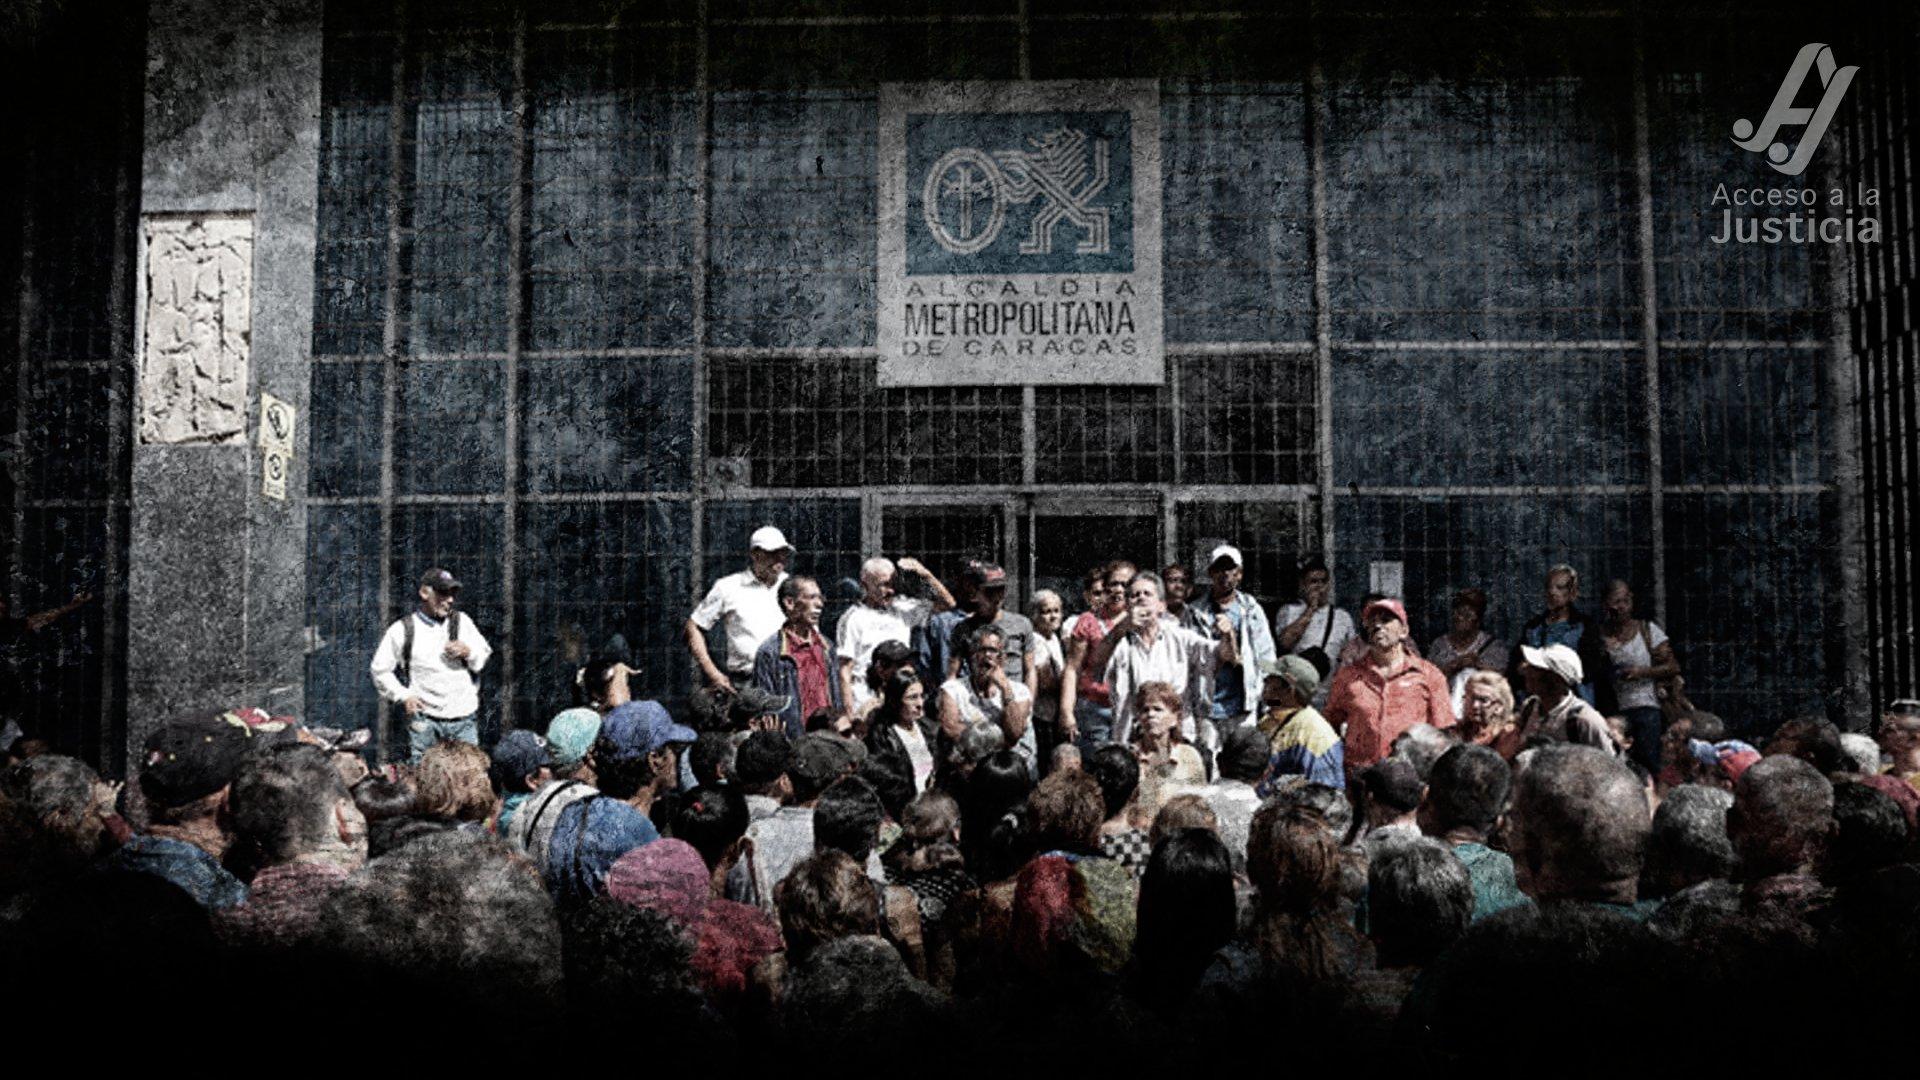 Las olvidadas Alcaldía Metropolitana de Caracas y del Alto Apure